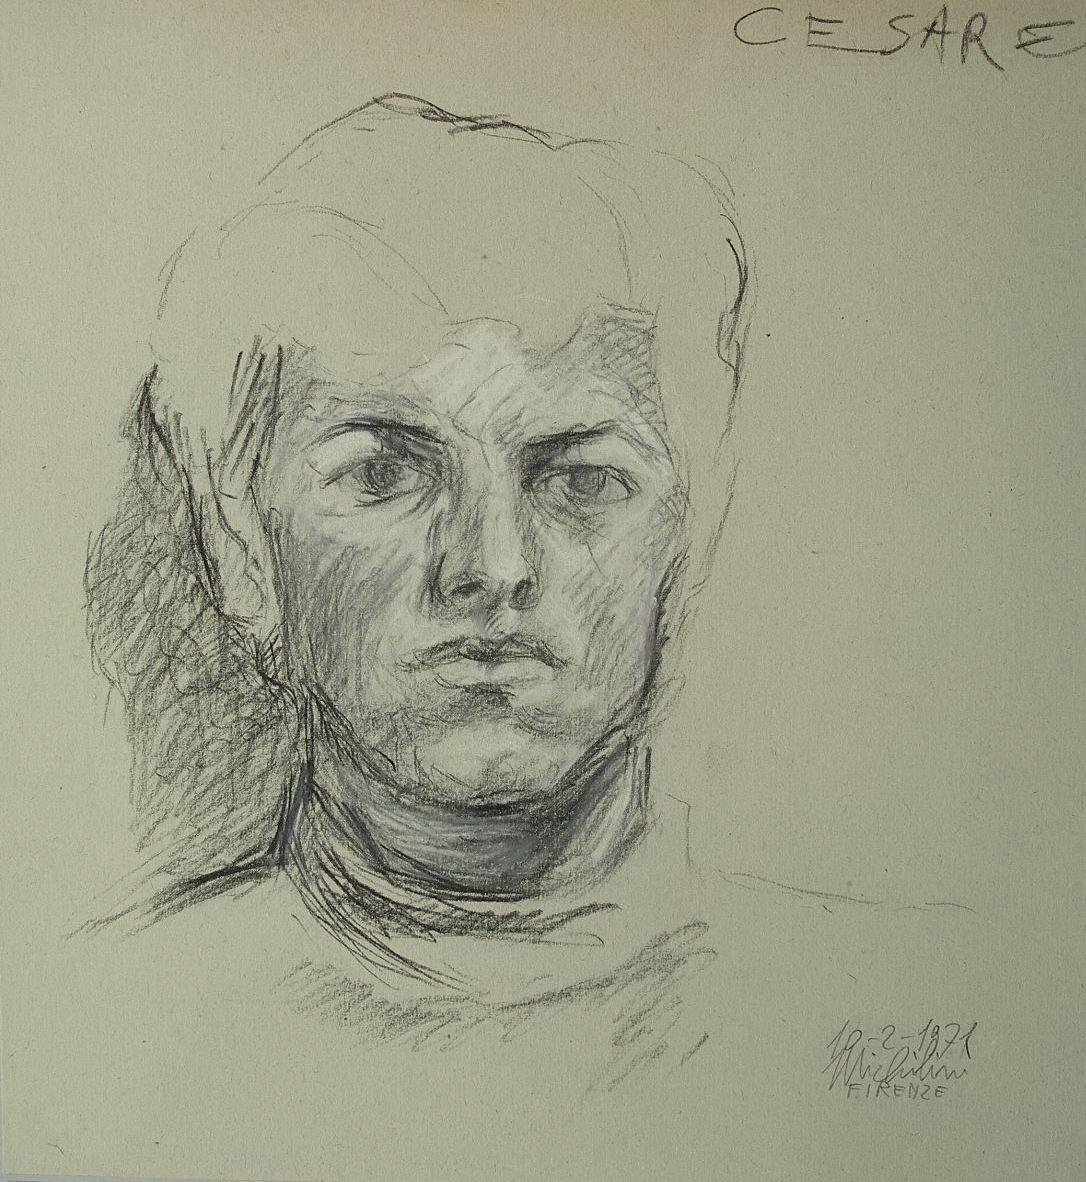 Sergio Michilini, RITRATTO DI CESARE, 1971, cm.26x24